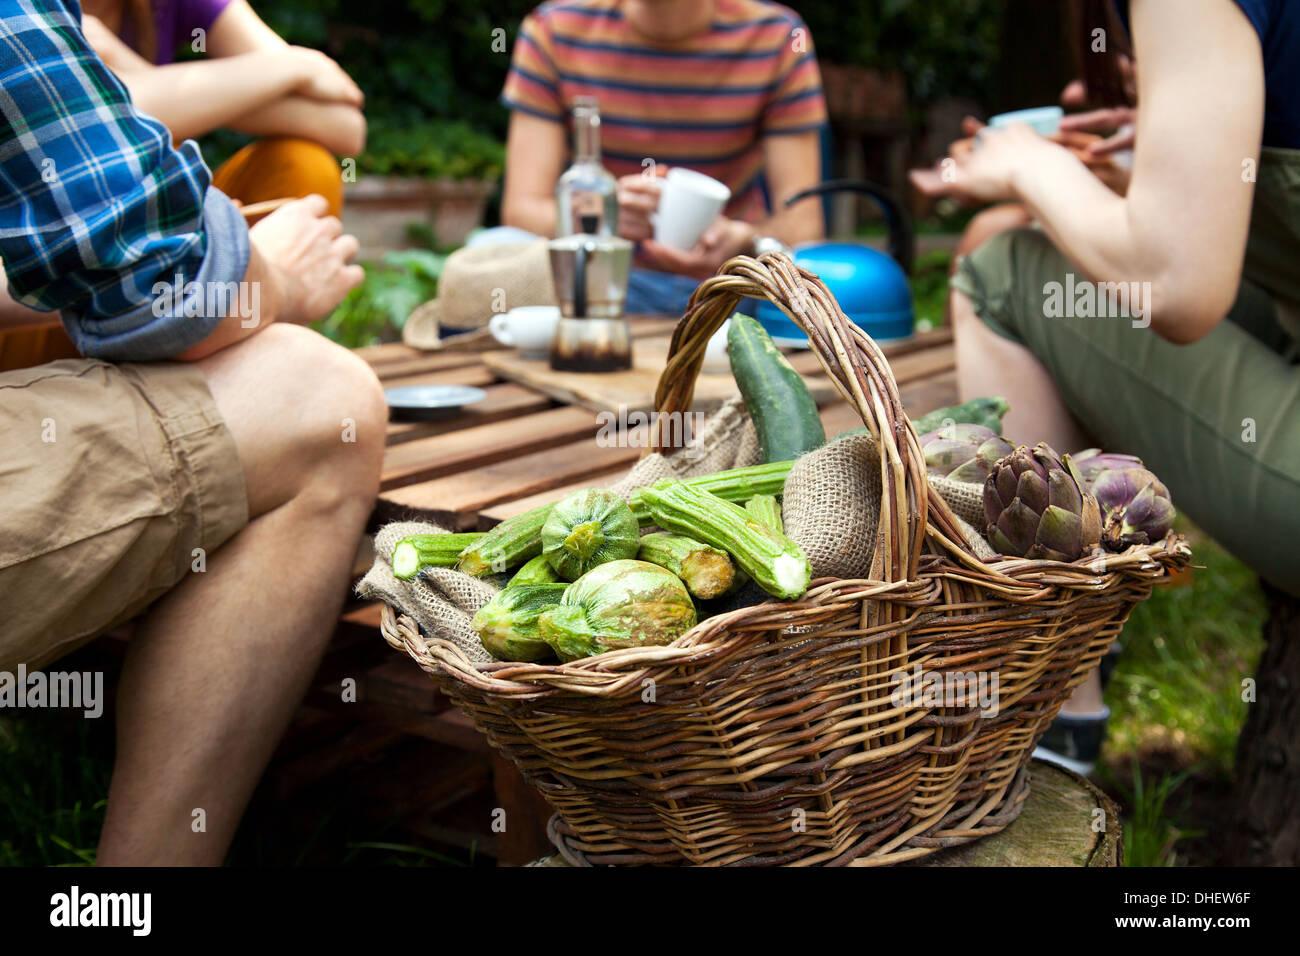 Basket of fresh vegetables - Stock Image